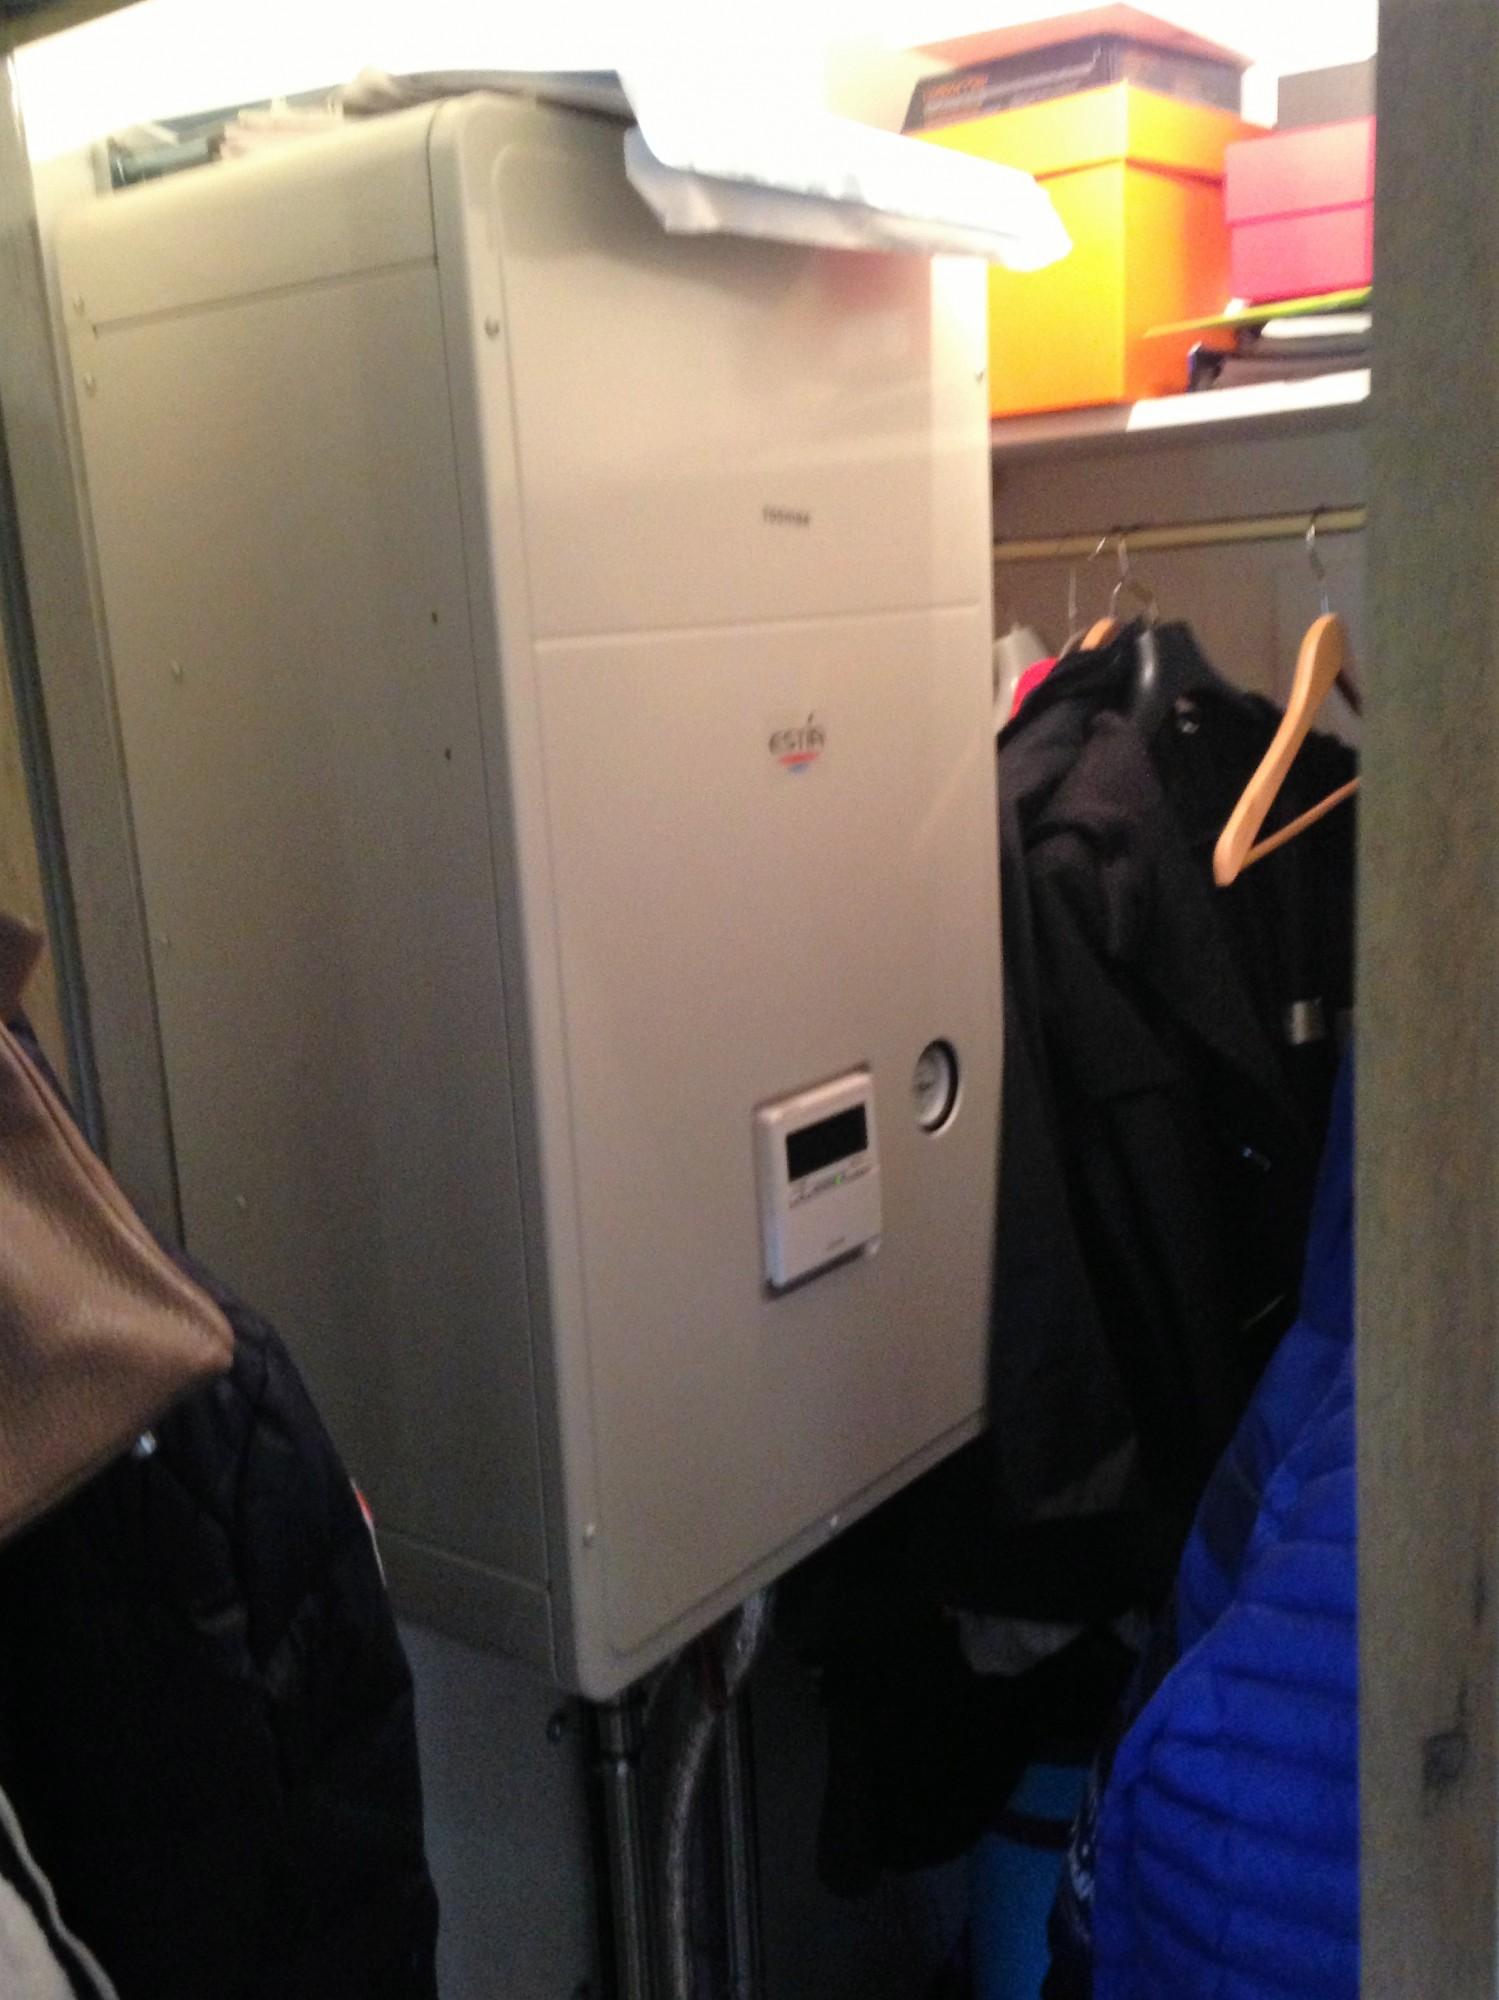 pompe chaleur toshiba type hestia installation et d pannage climatisation et pompe chaleur. Black Bedroom Furniture Sets. Home Design Ideas